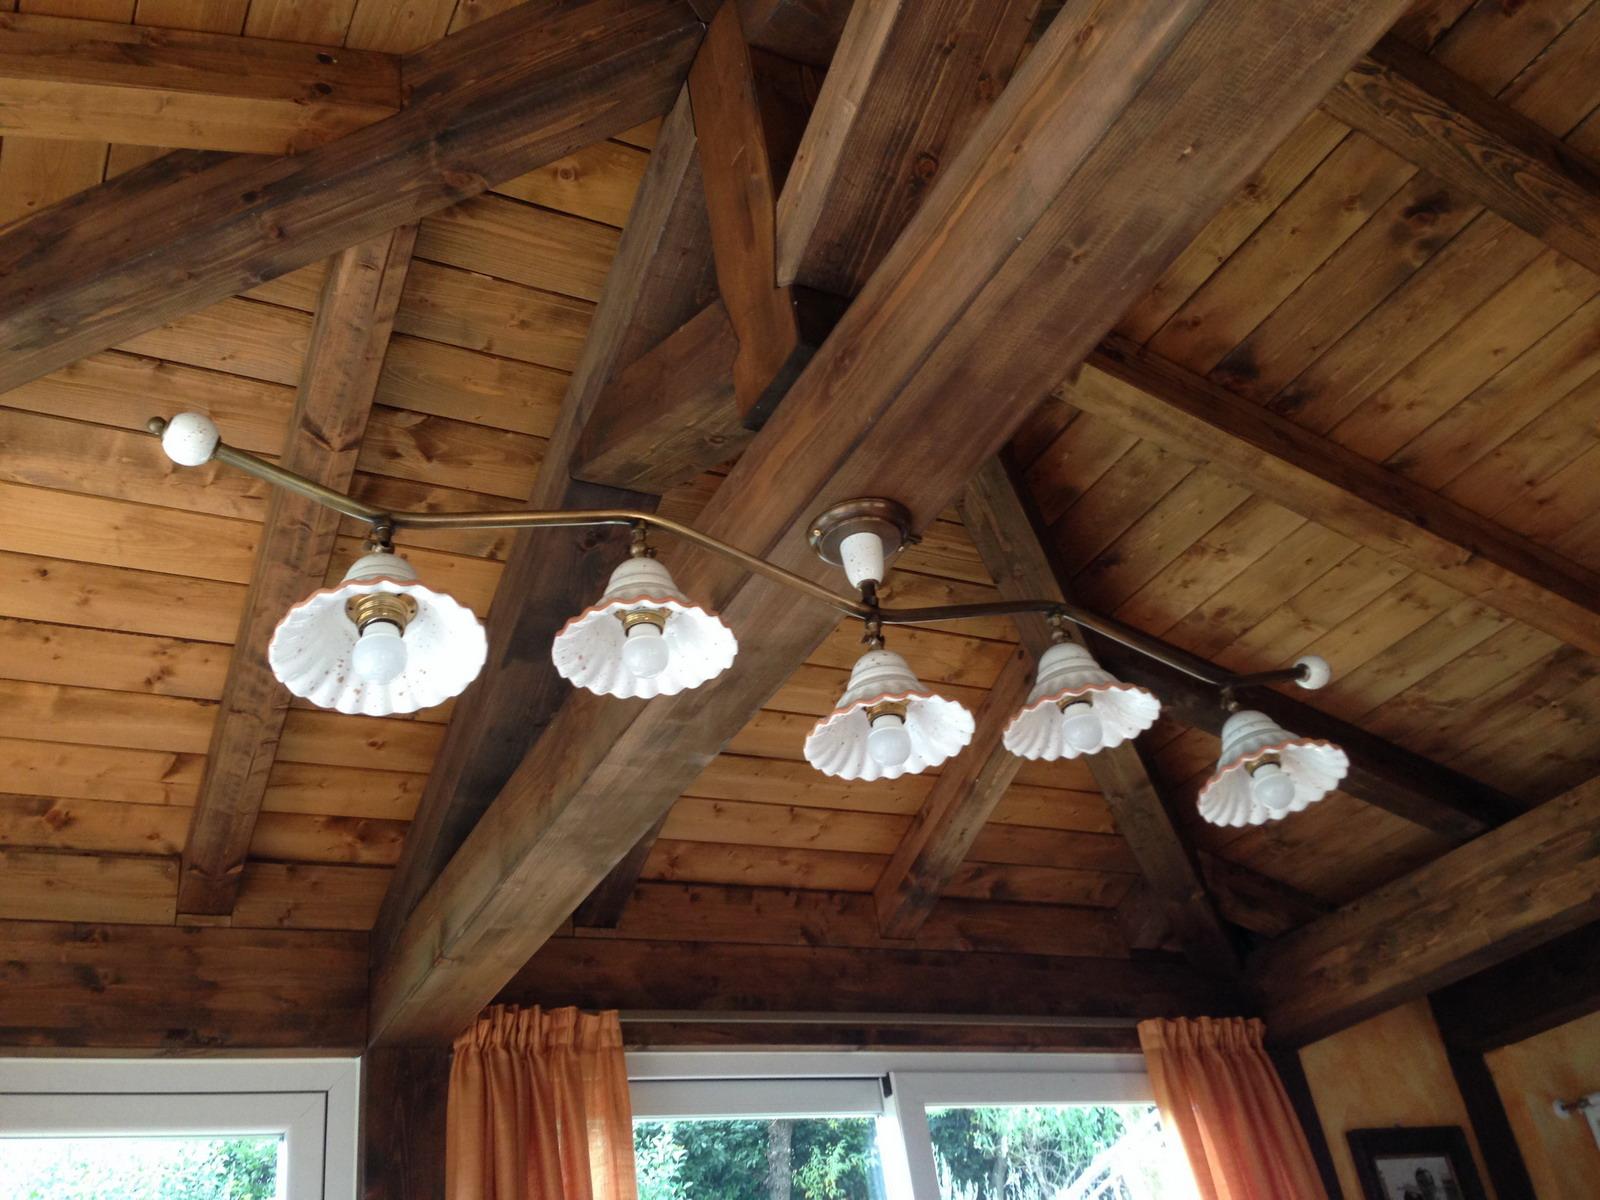 Lampadari per soffitti in legno for Lampadario da soffitto